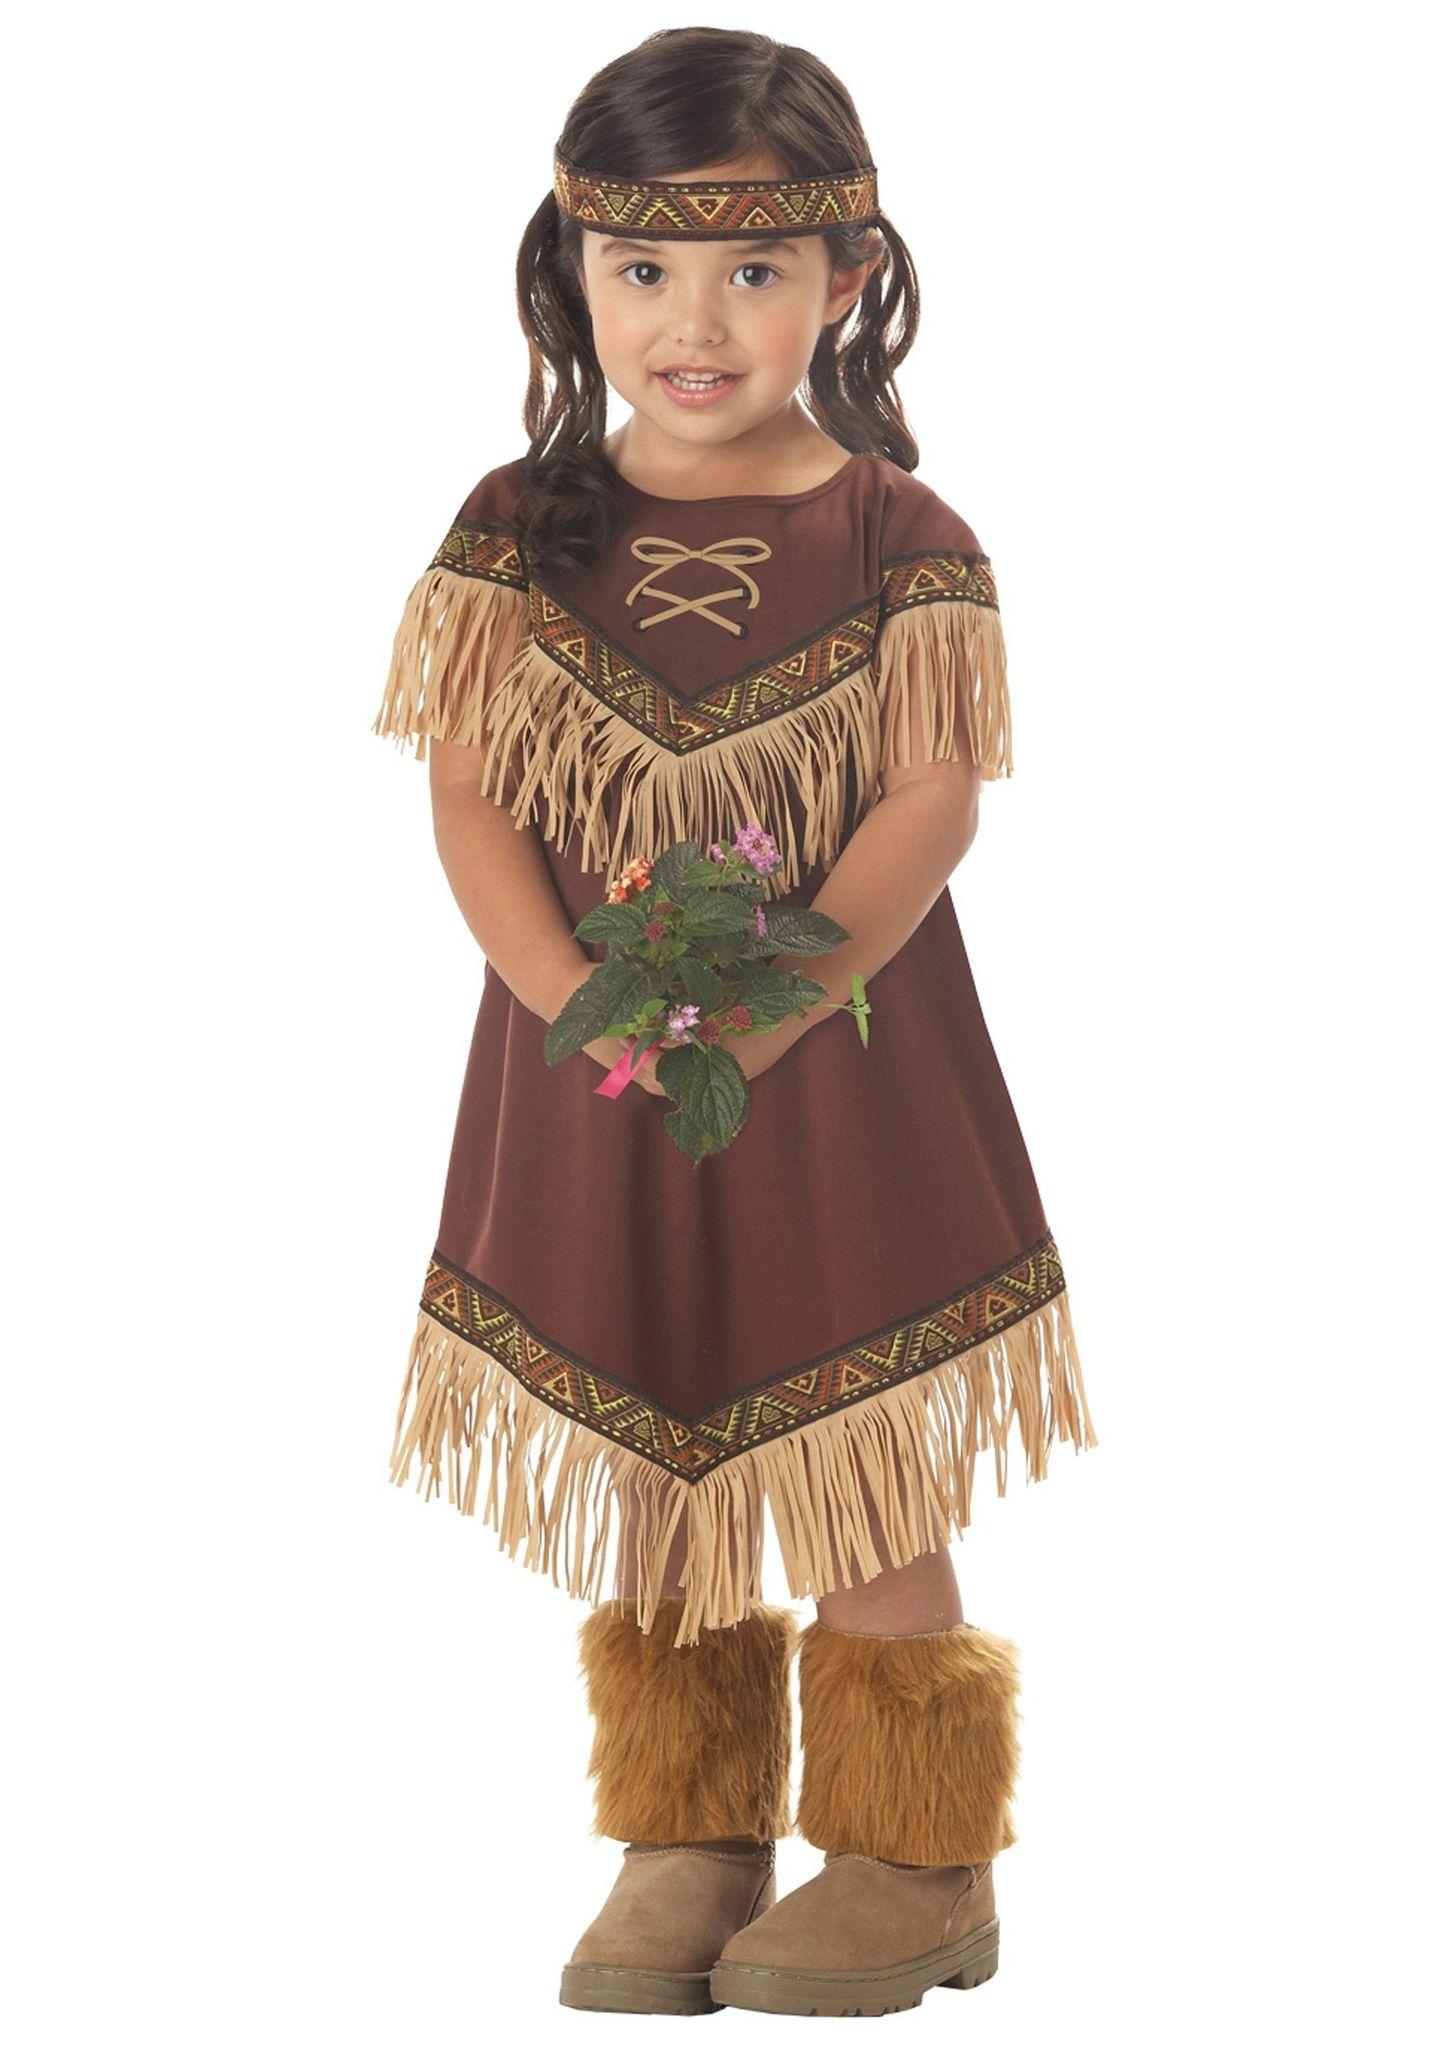 Как сделать своими руками костюм индейца для девочки своими руками